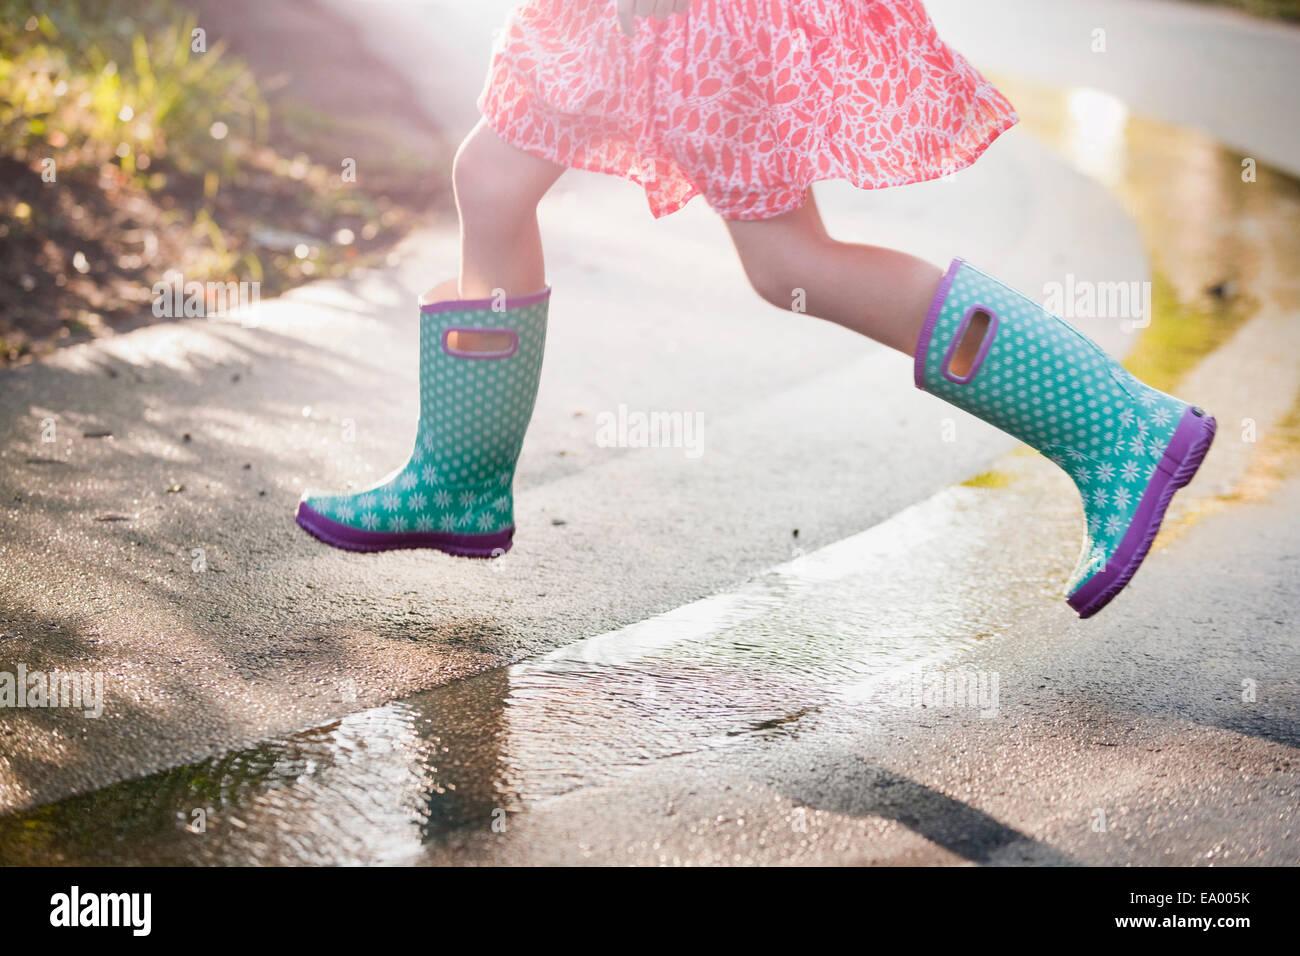 Cintura vista verso il basso di una ragazza saltando pozzanghere sul rainy street Immagini Stock